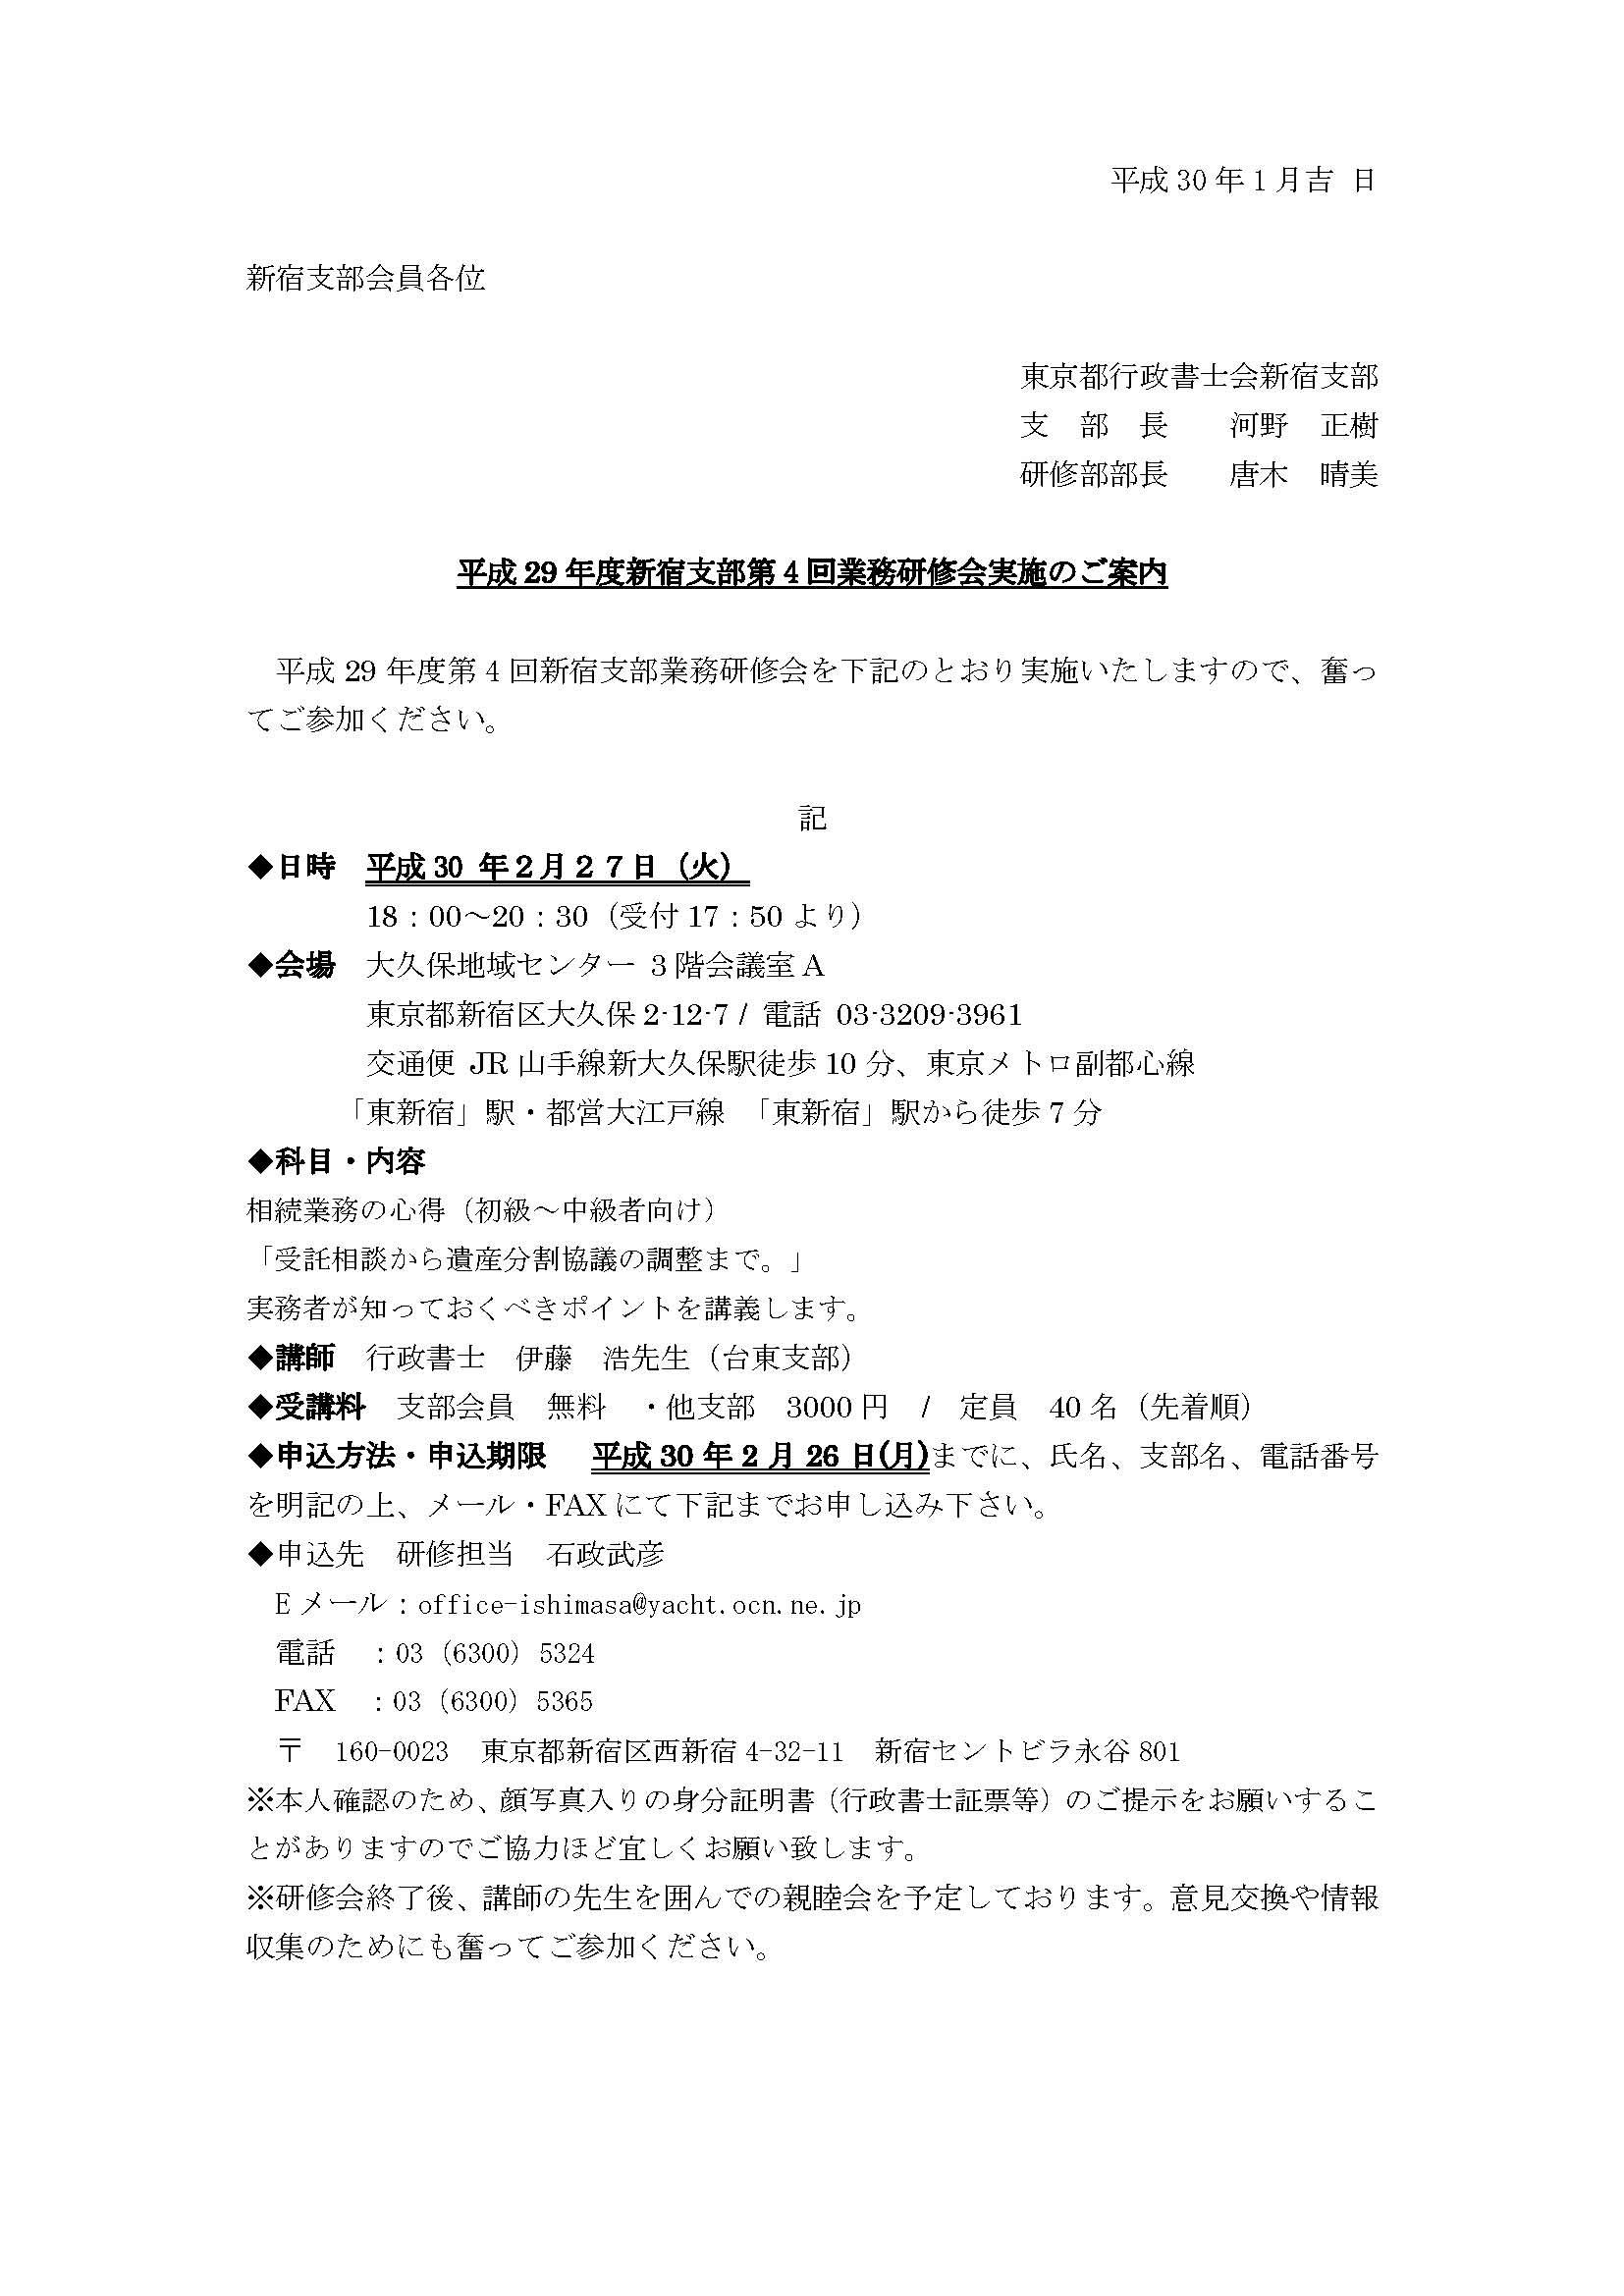 平成29年度新宿支部第4回業務研修会実施のご案内のイメージ